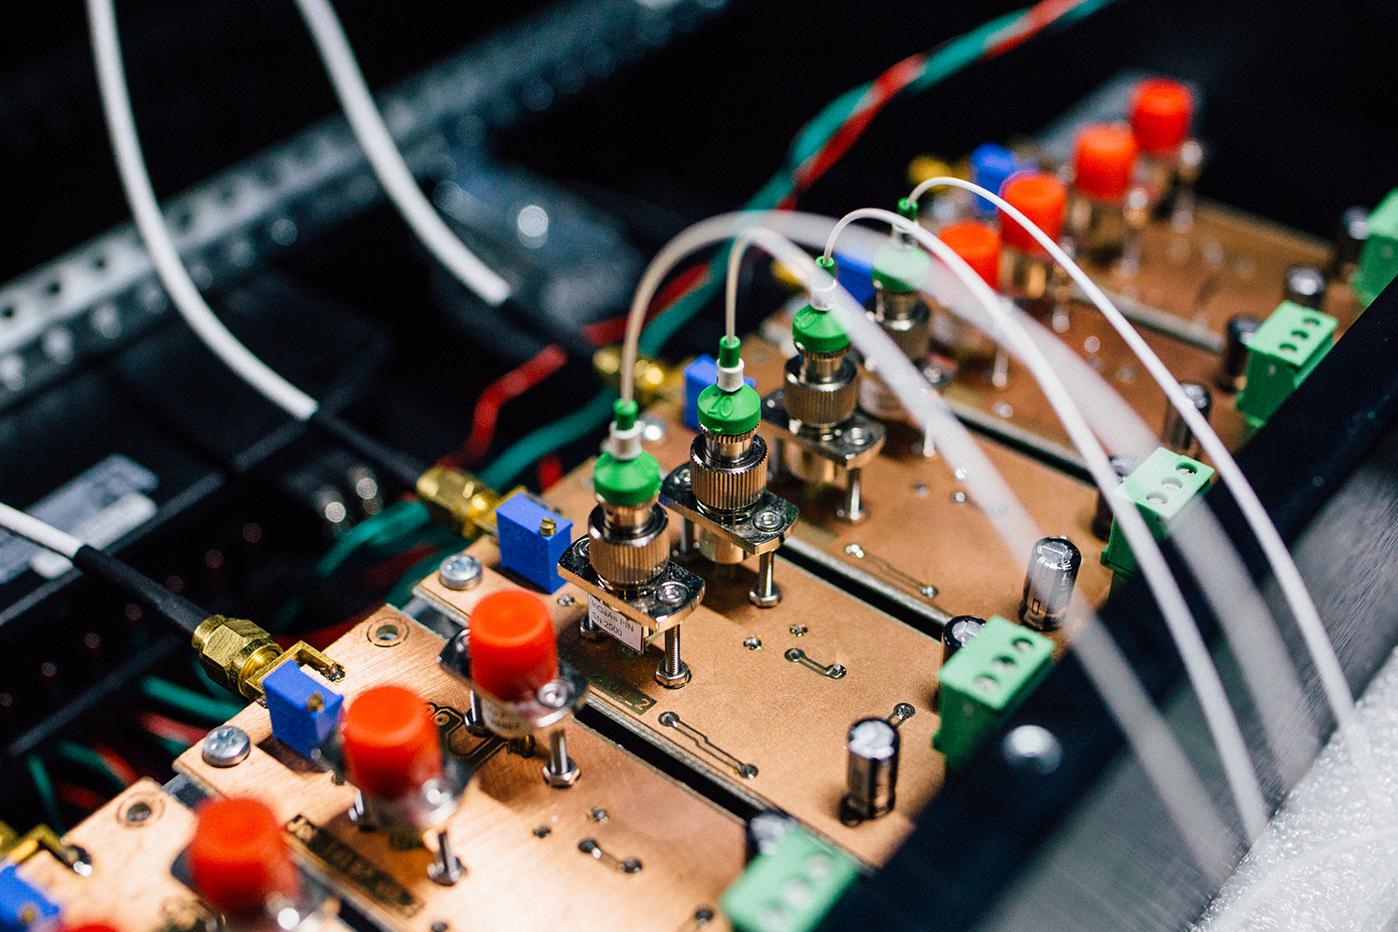 Optical fibres coupled into balanced homodyne detector array.